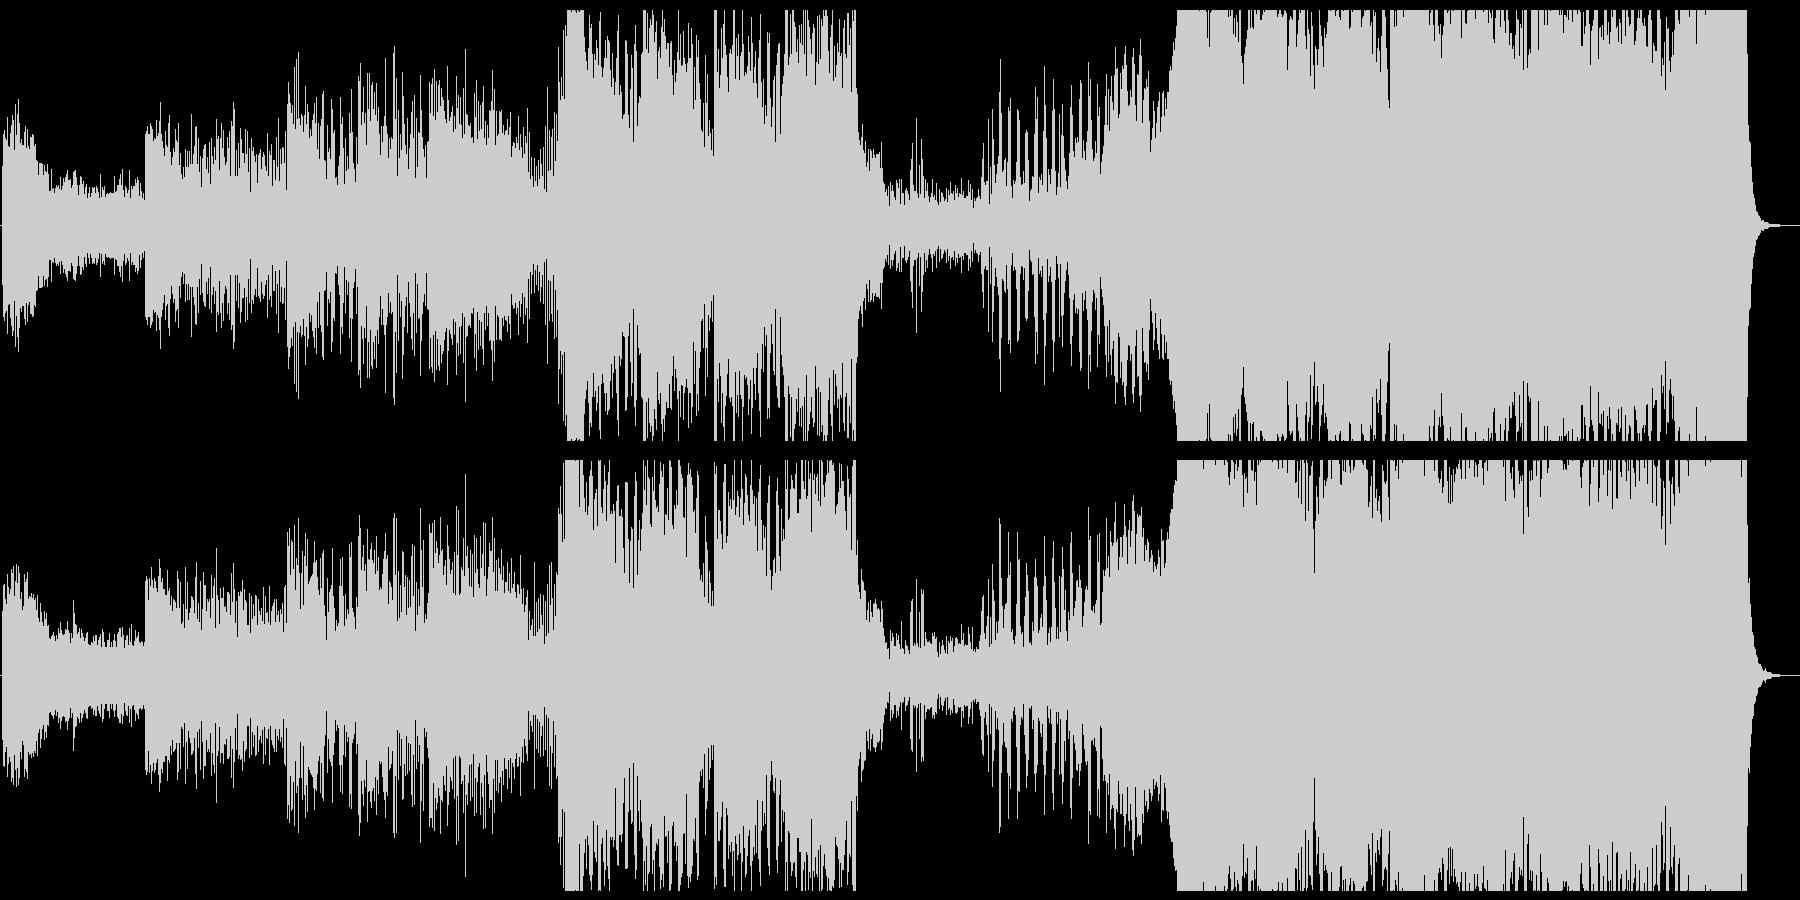 巨大なものが現れるシーンのBGMの未再生の波形